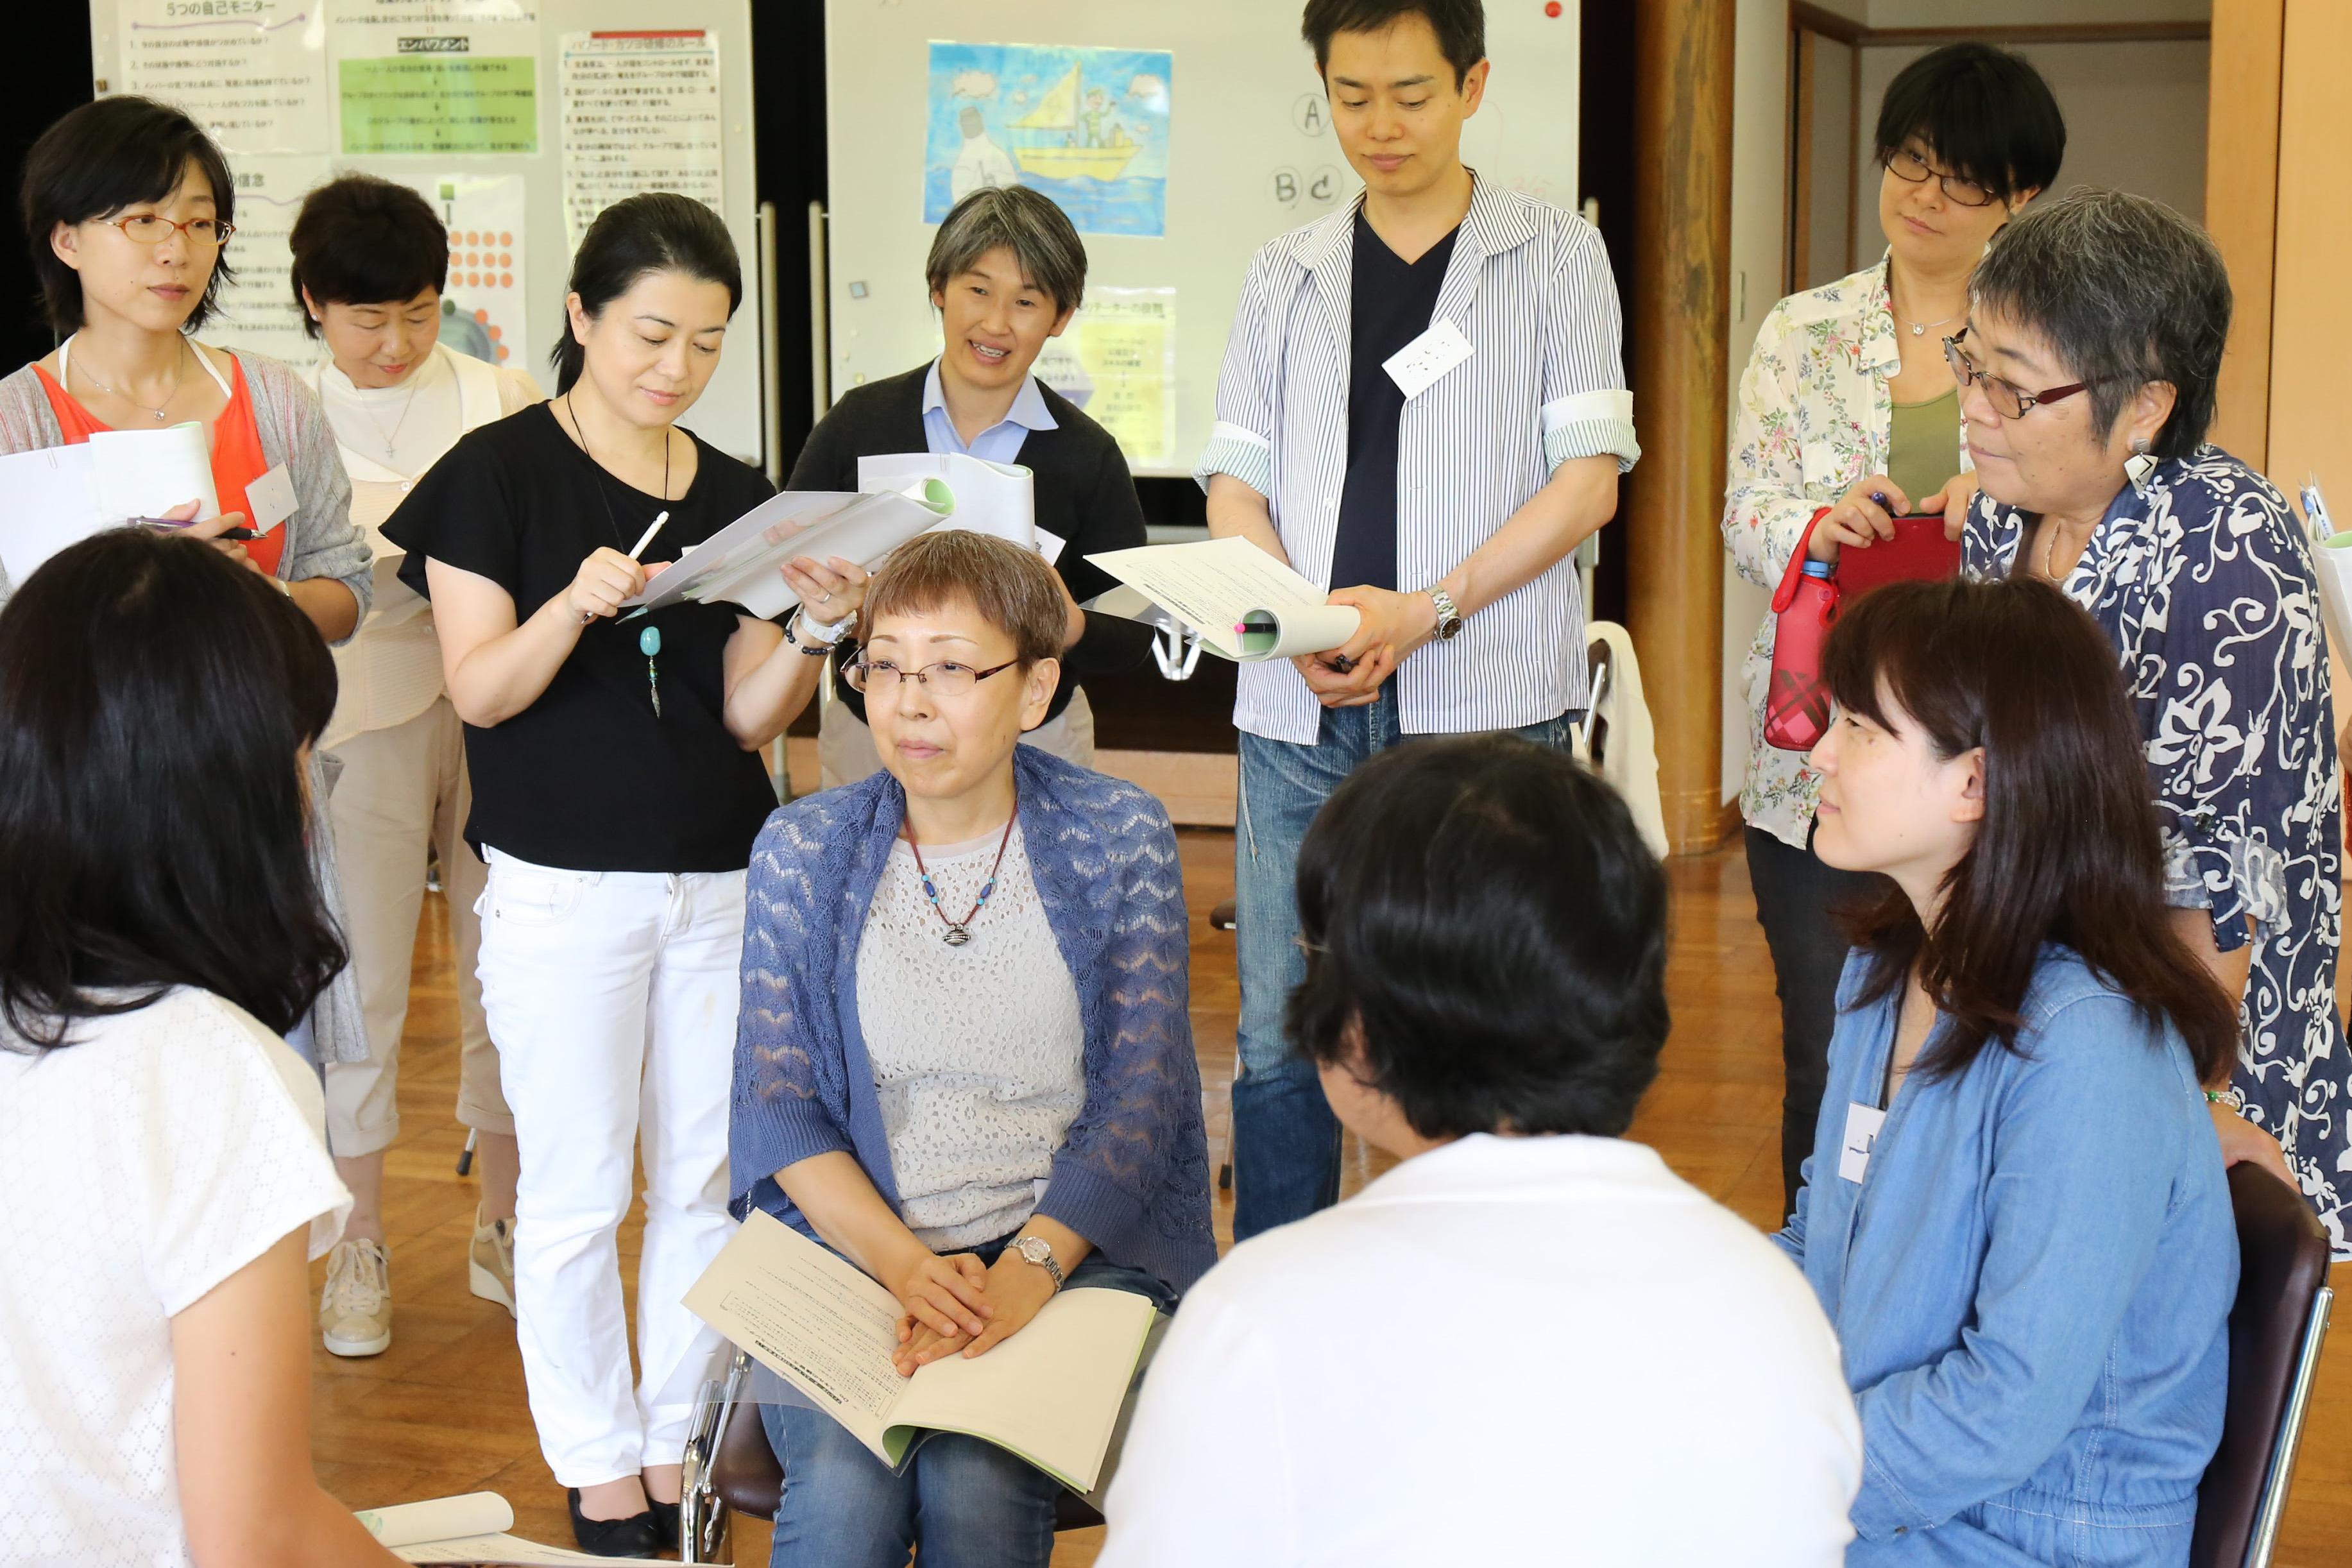 小松知己(沖縄協同病院 精神科医)